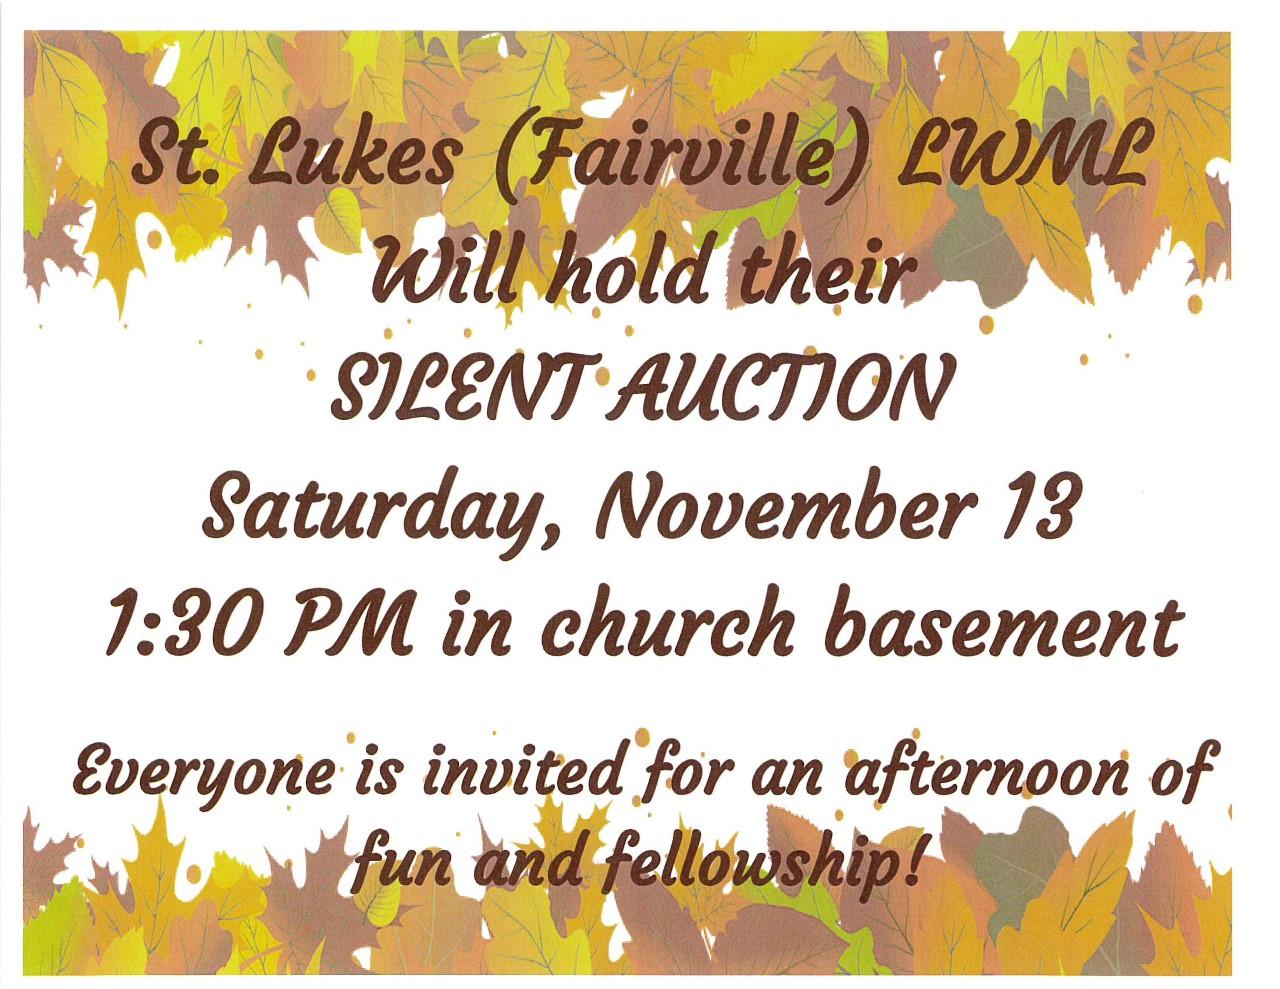 St Lukes (Fairville)LWML Silent Auction